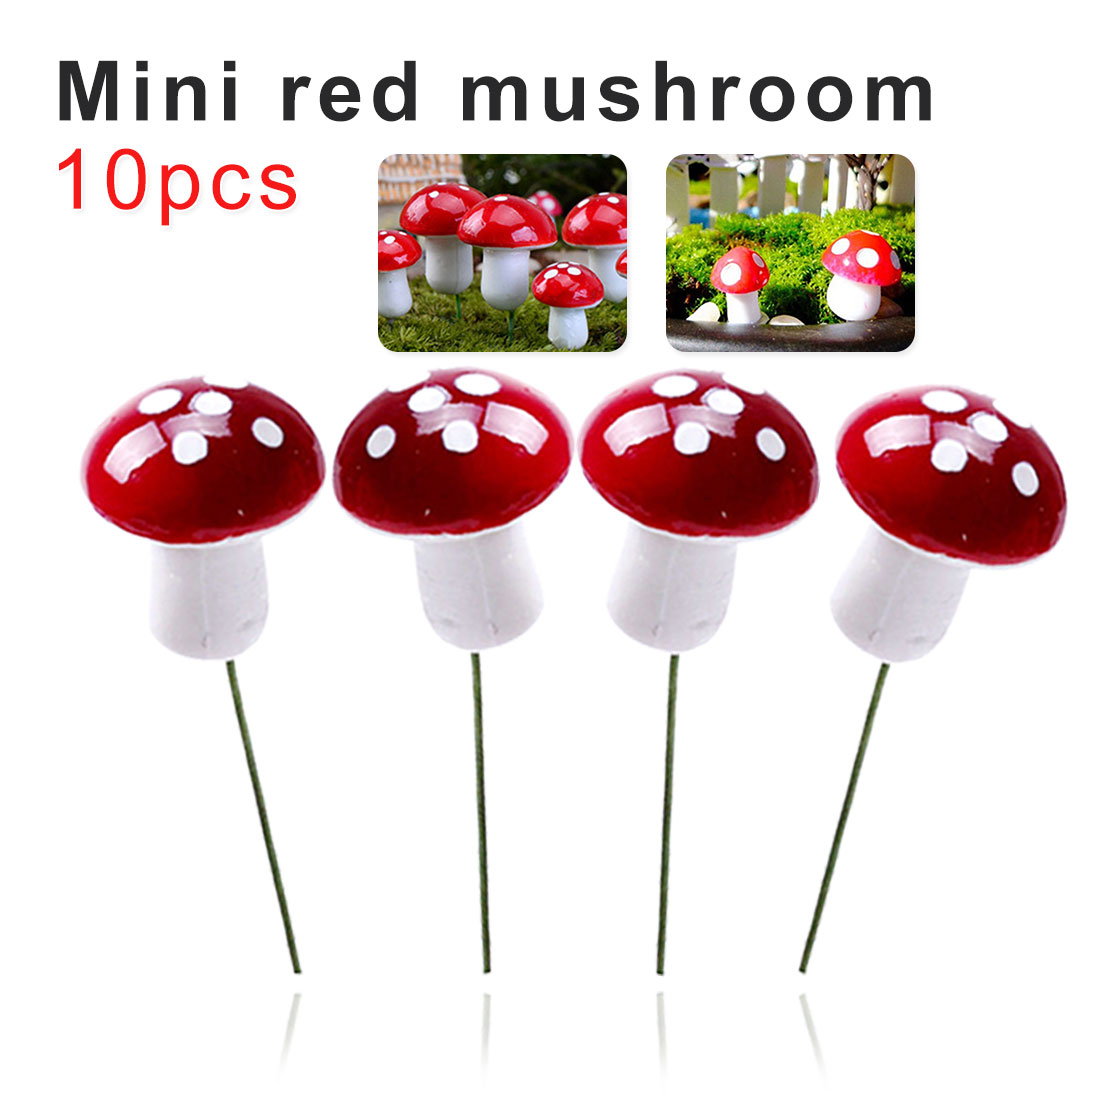 New 10Pcs Mini Foam Red Mushroom Garden Ornament Miniature Plant Pots Fairy DIY Dollhouse